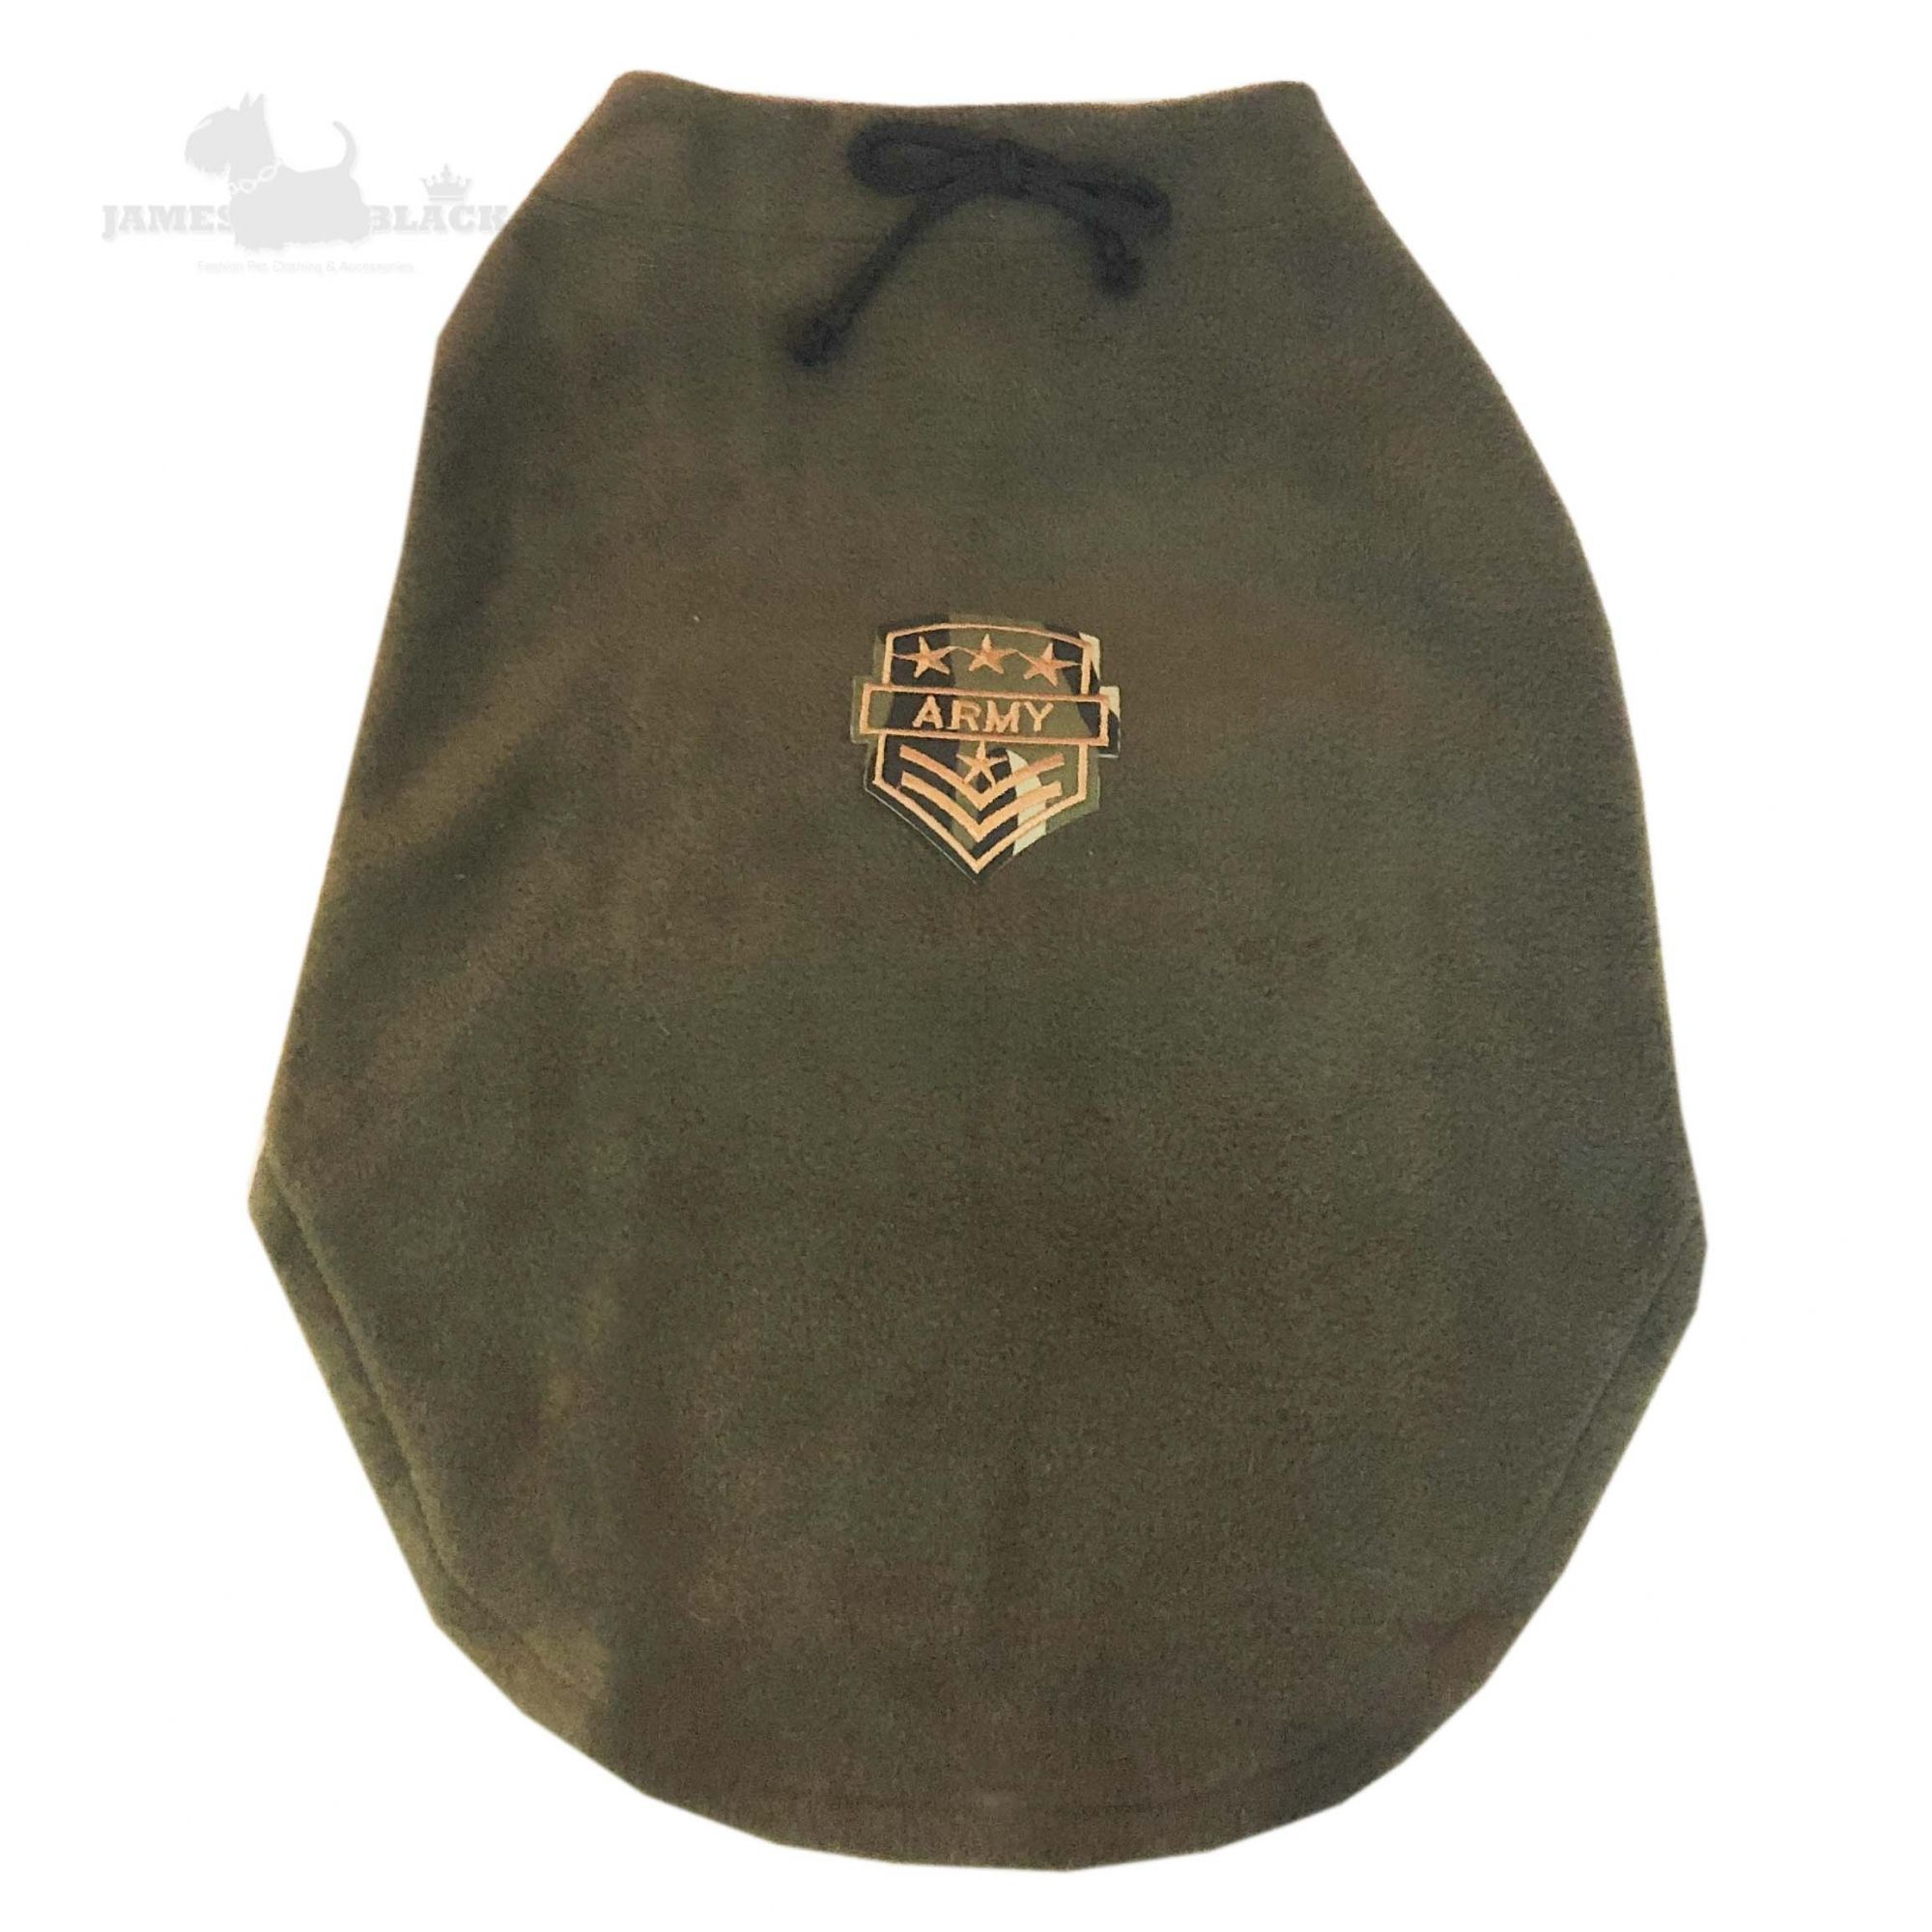 Roupa Harry Verde Militar com velcro e patch Army